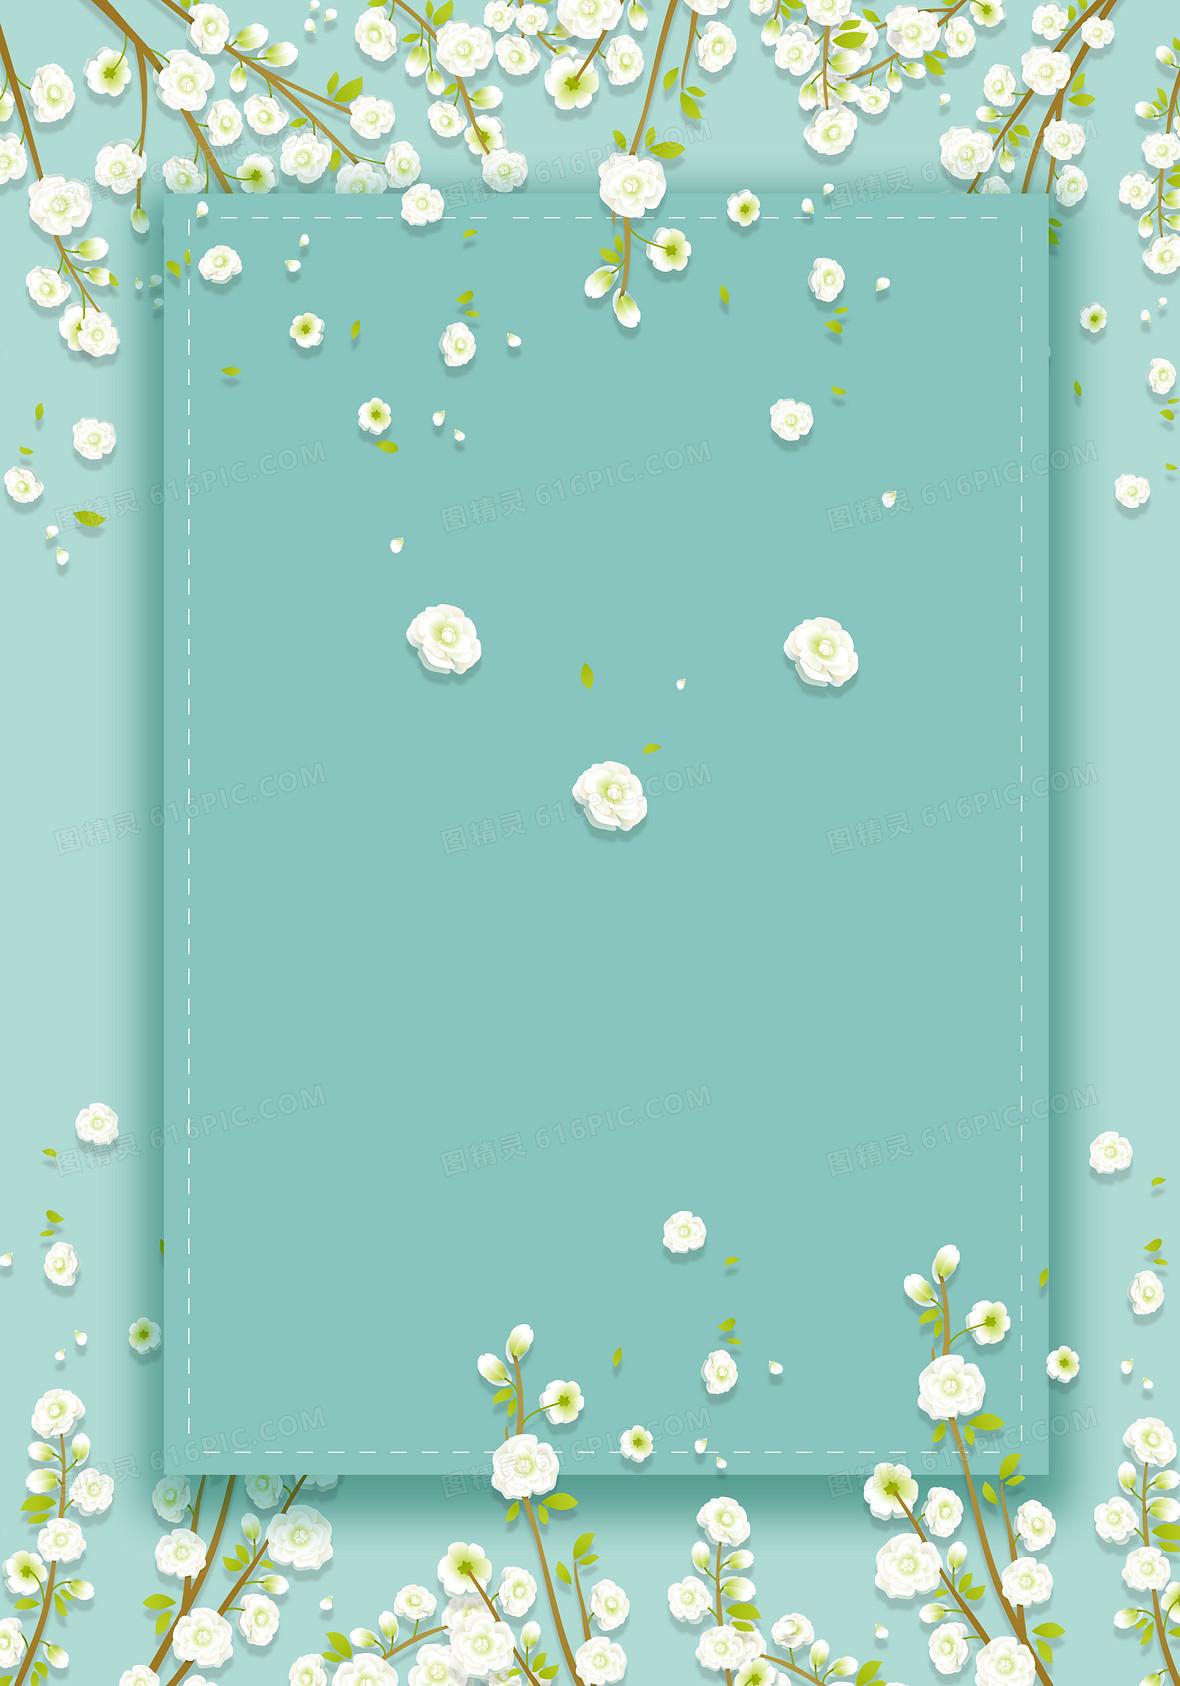 绿色简约文艺小清新夏季上新海报背景素材